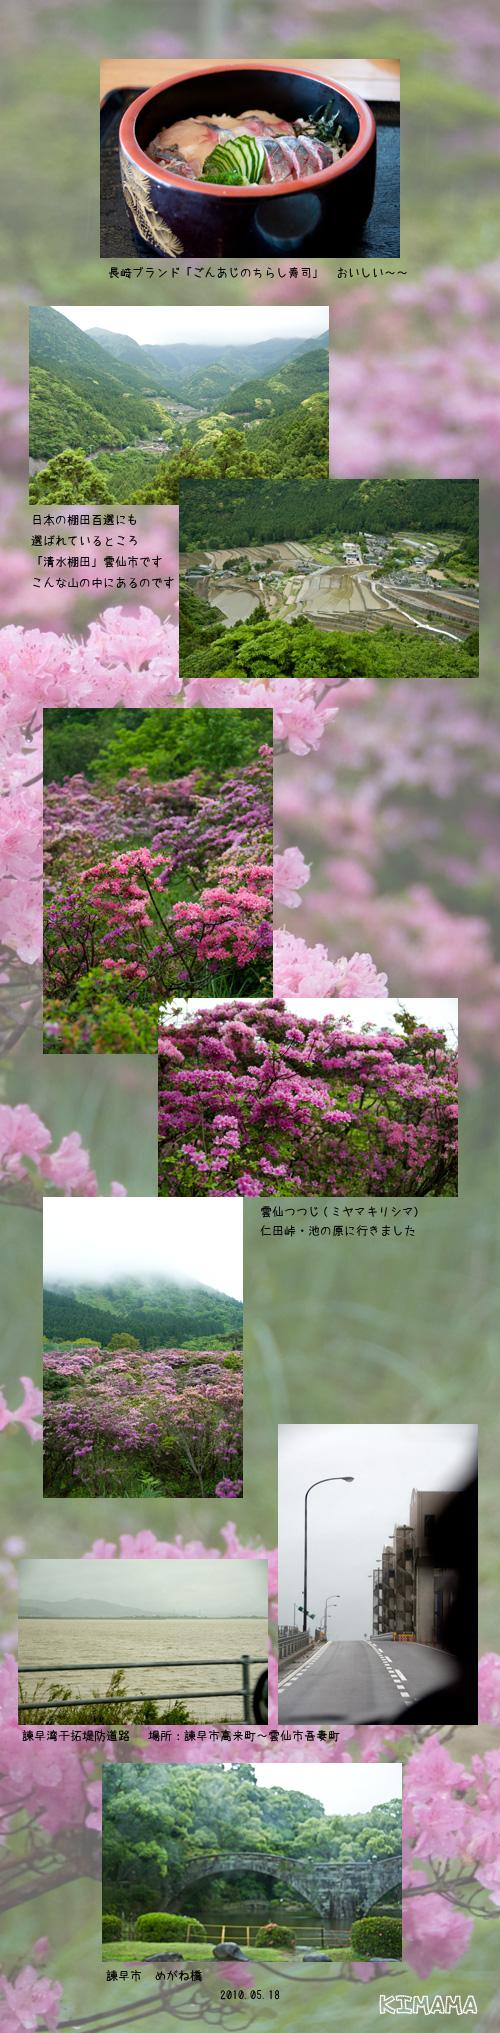 5月23日長崎3